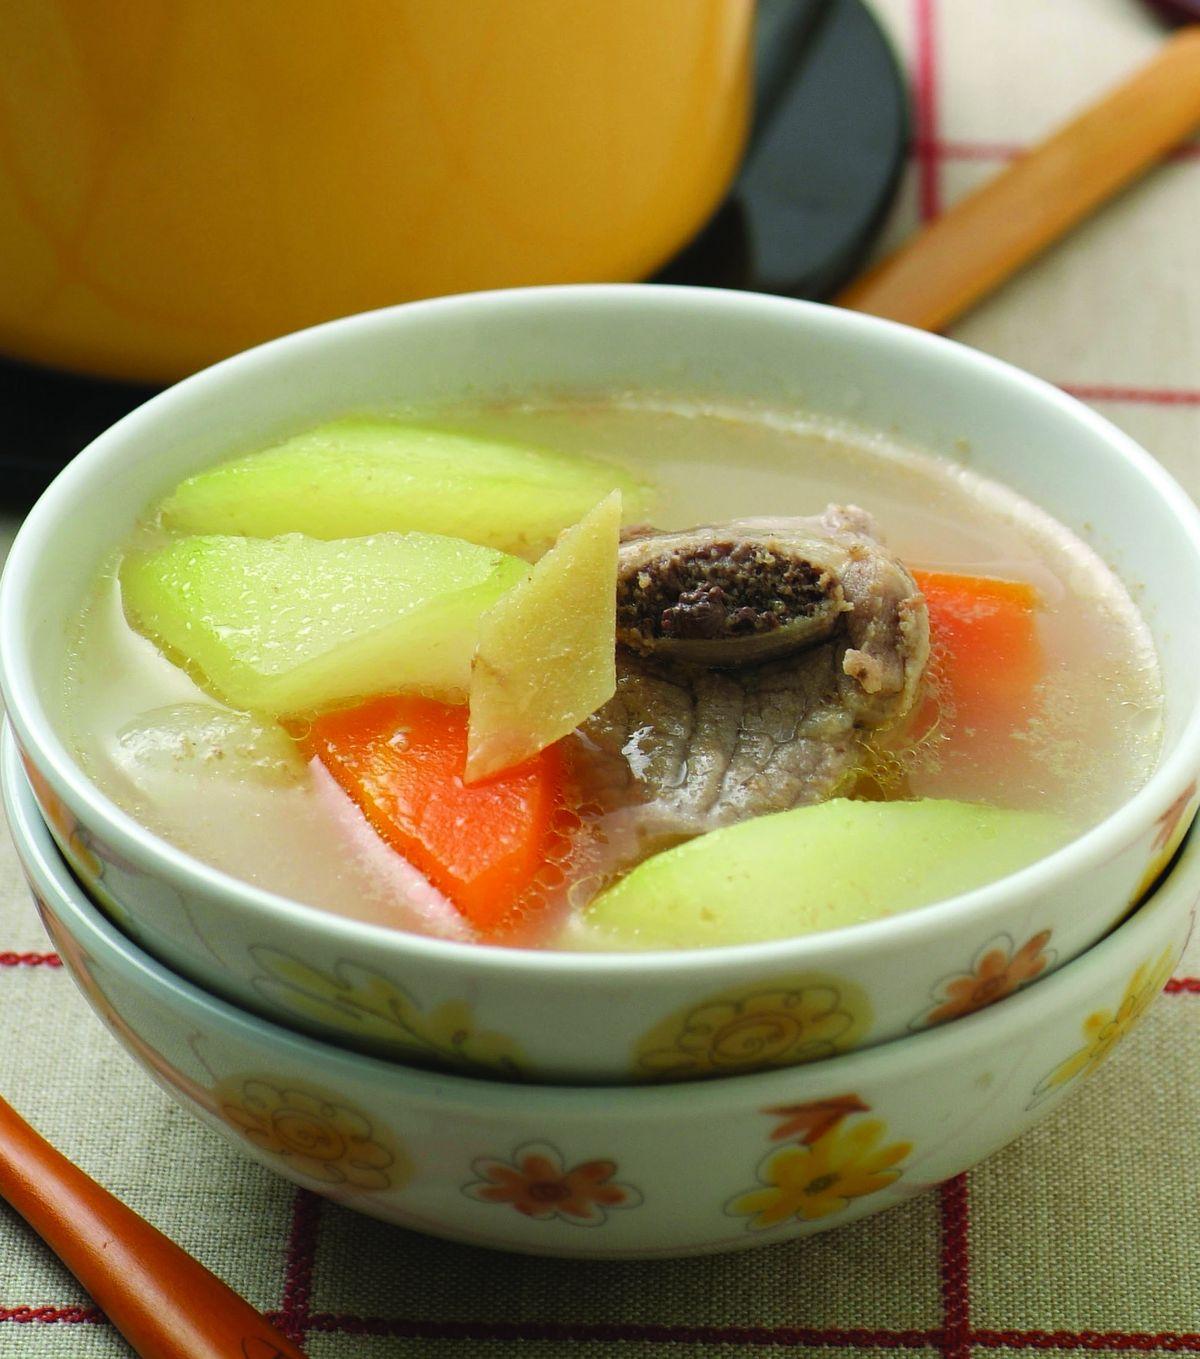 【食譜】青木瓜蘿蔔排骨湯:www.ytower.com.tw